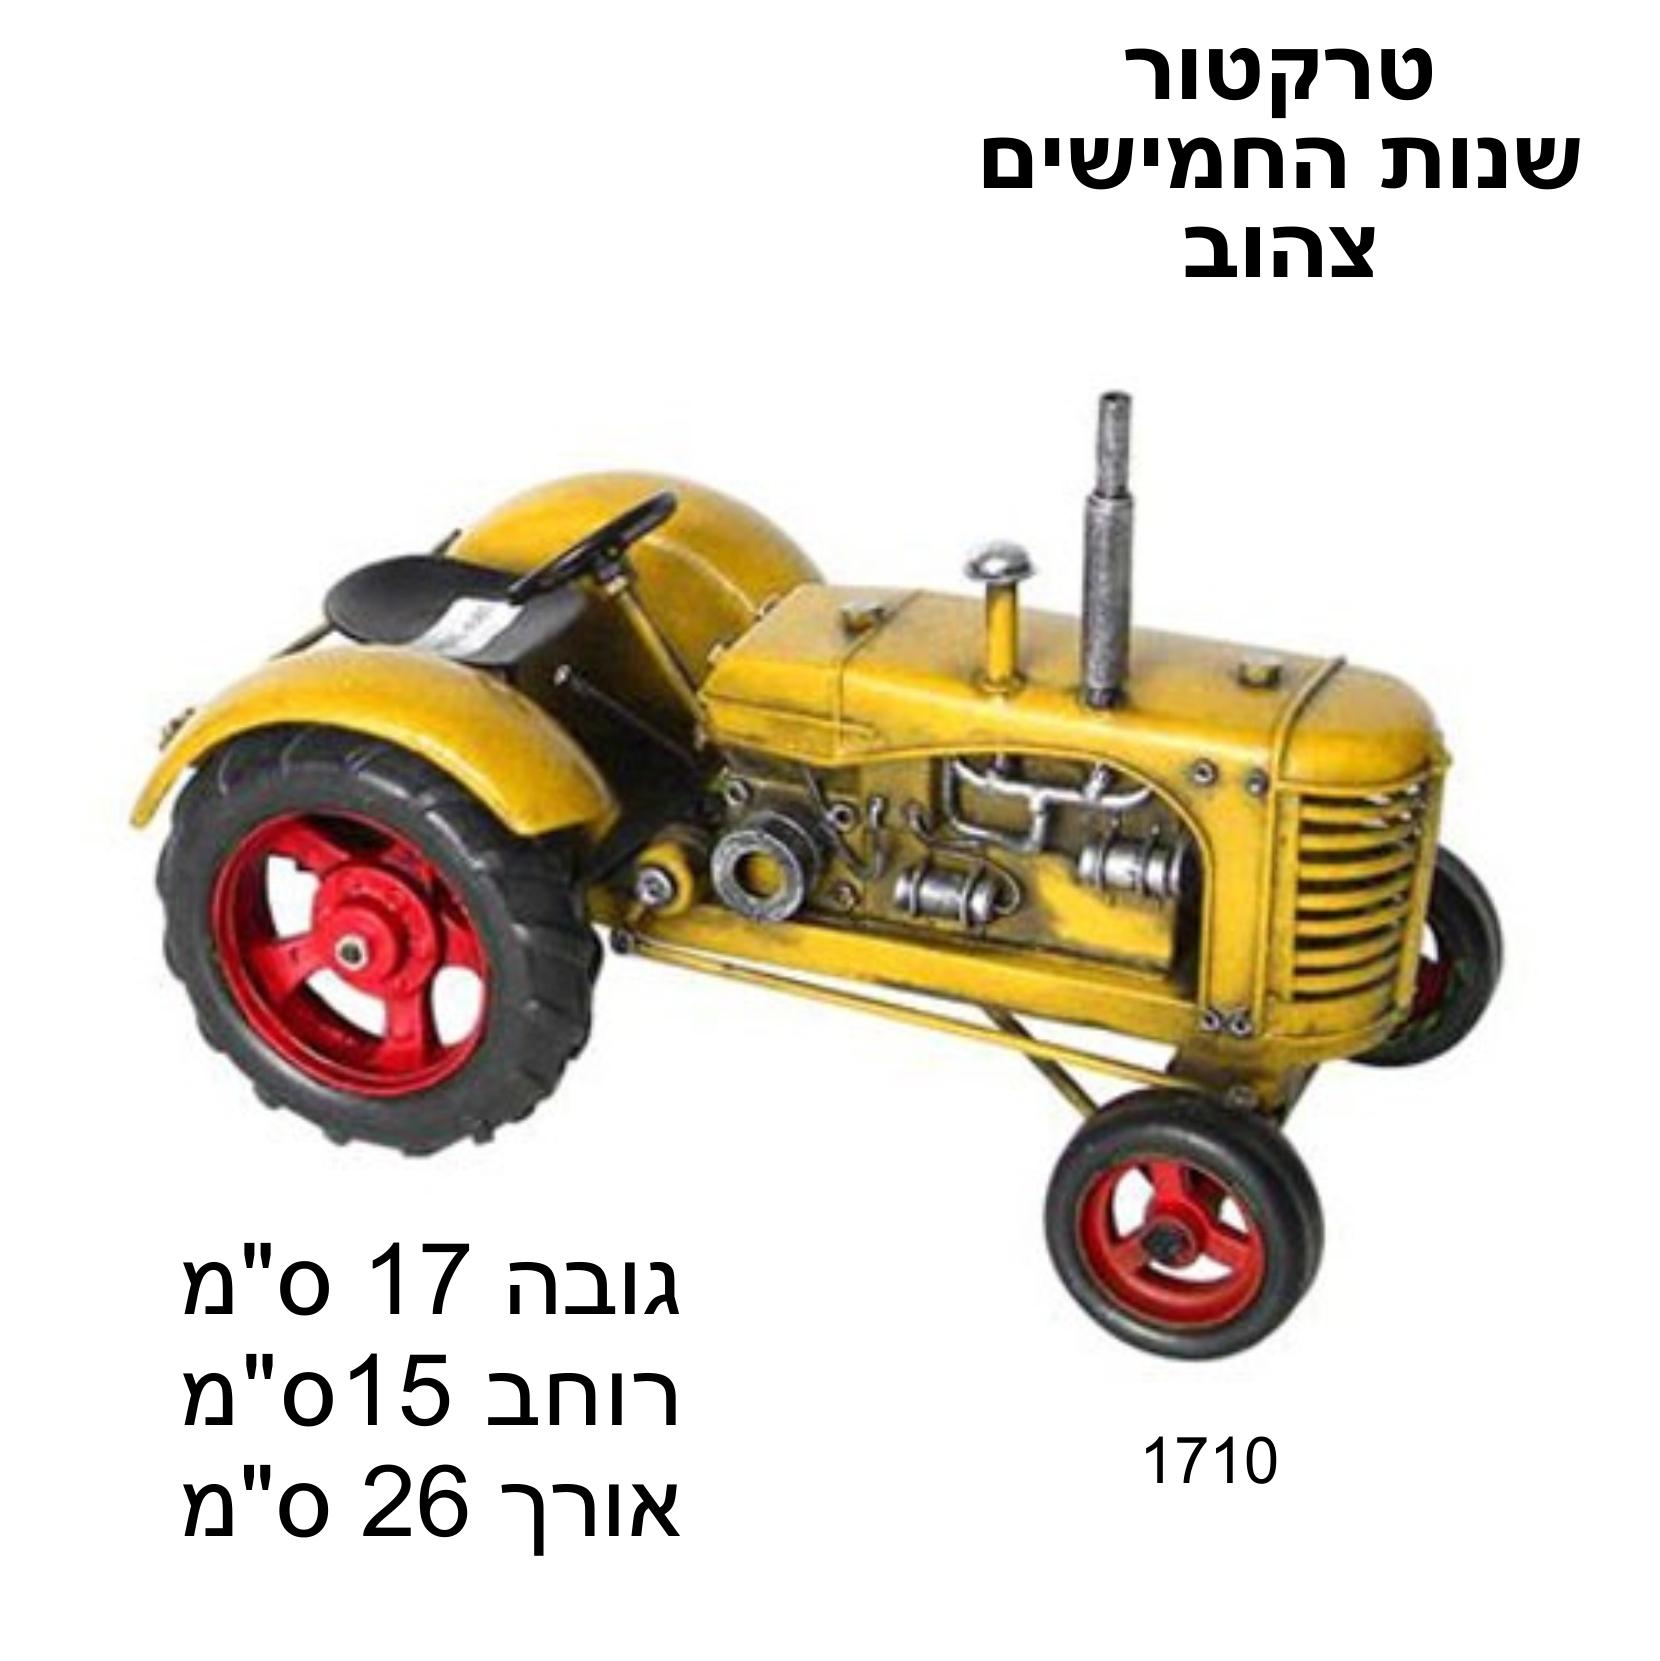 טרקטור שנות החמישים צהוב